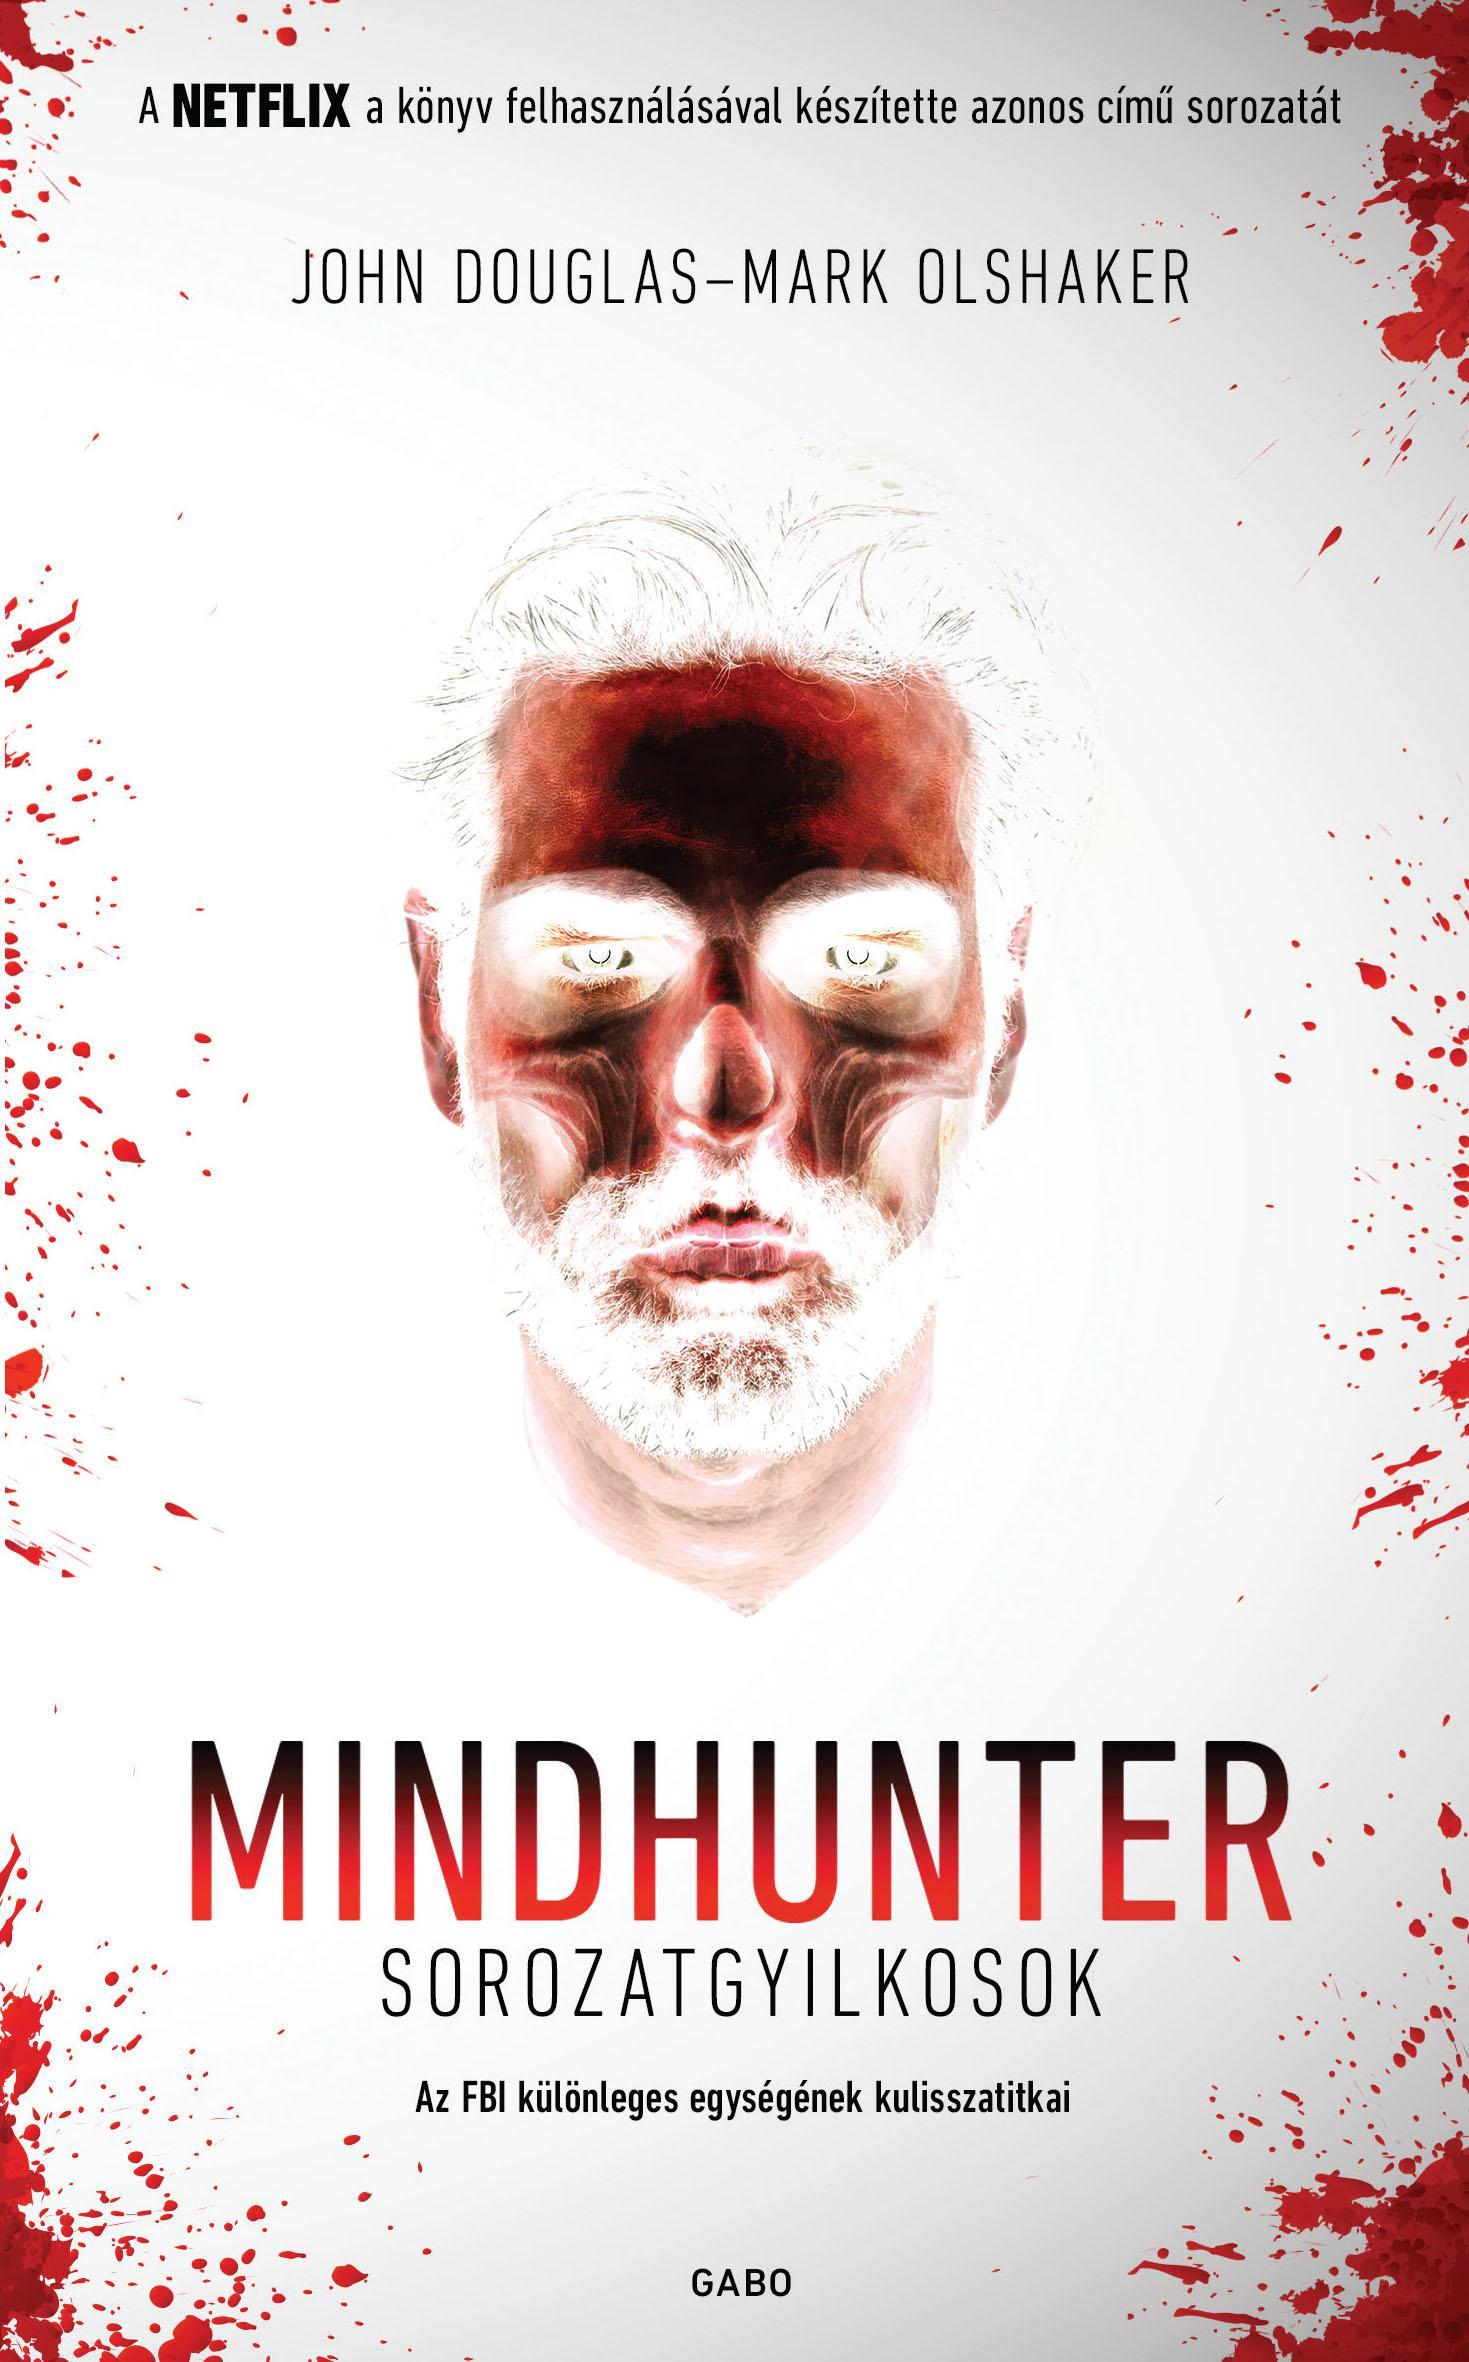 MINDHUNTER - SOROZATGYILKOSOK